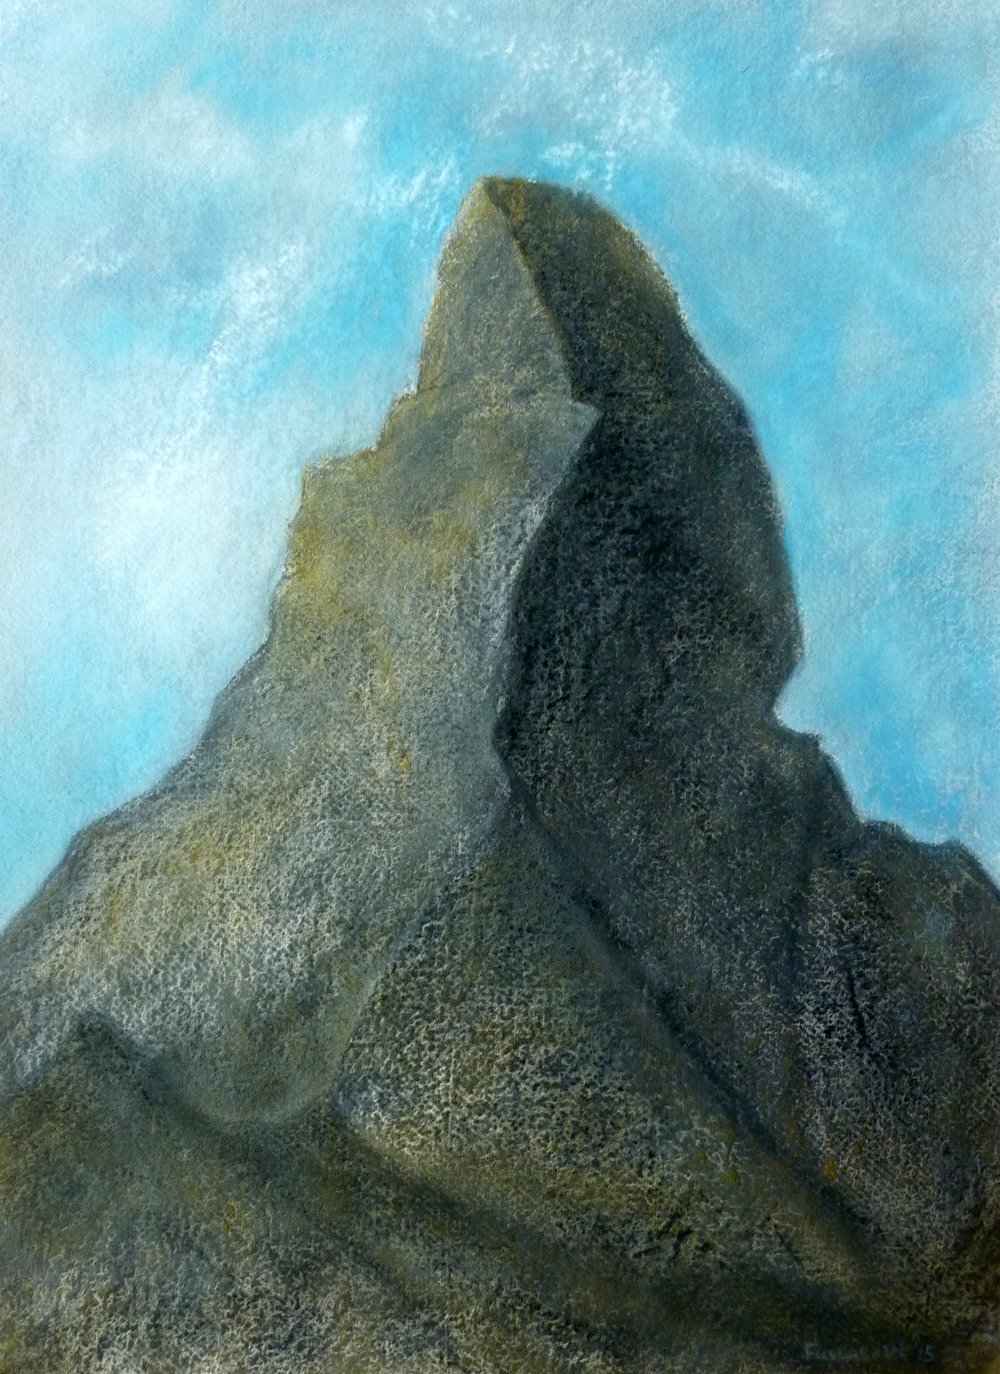 Study of the Matterhorn